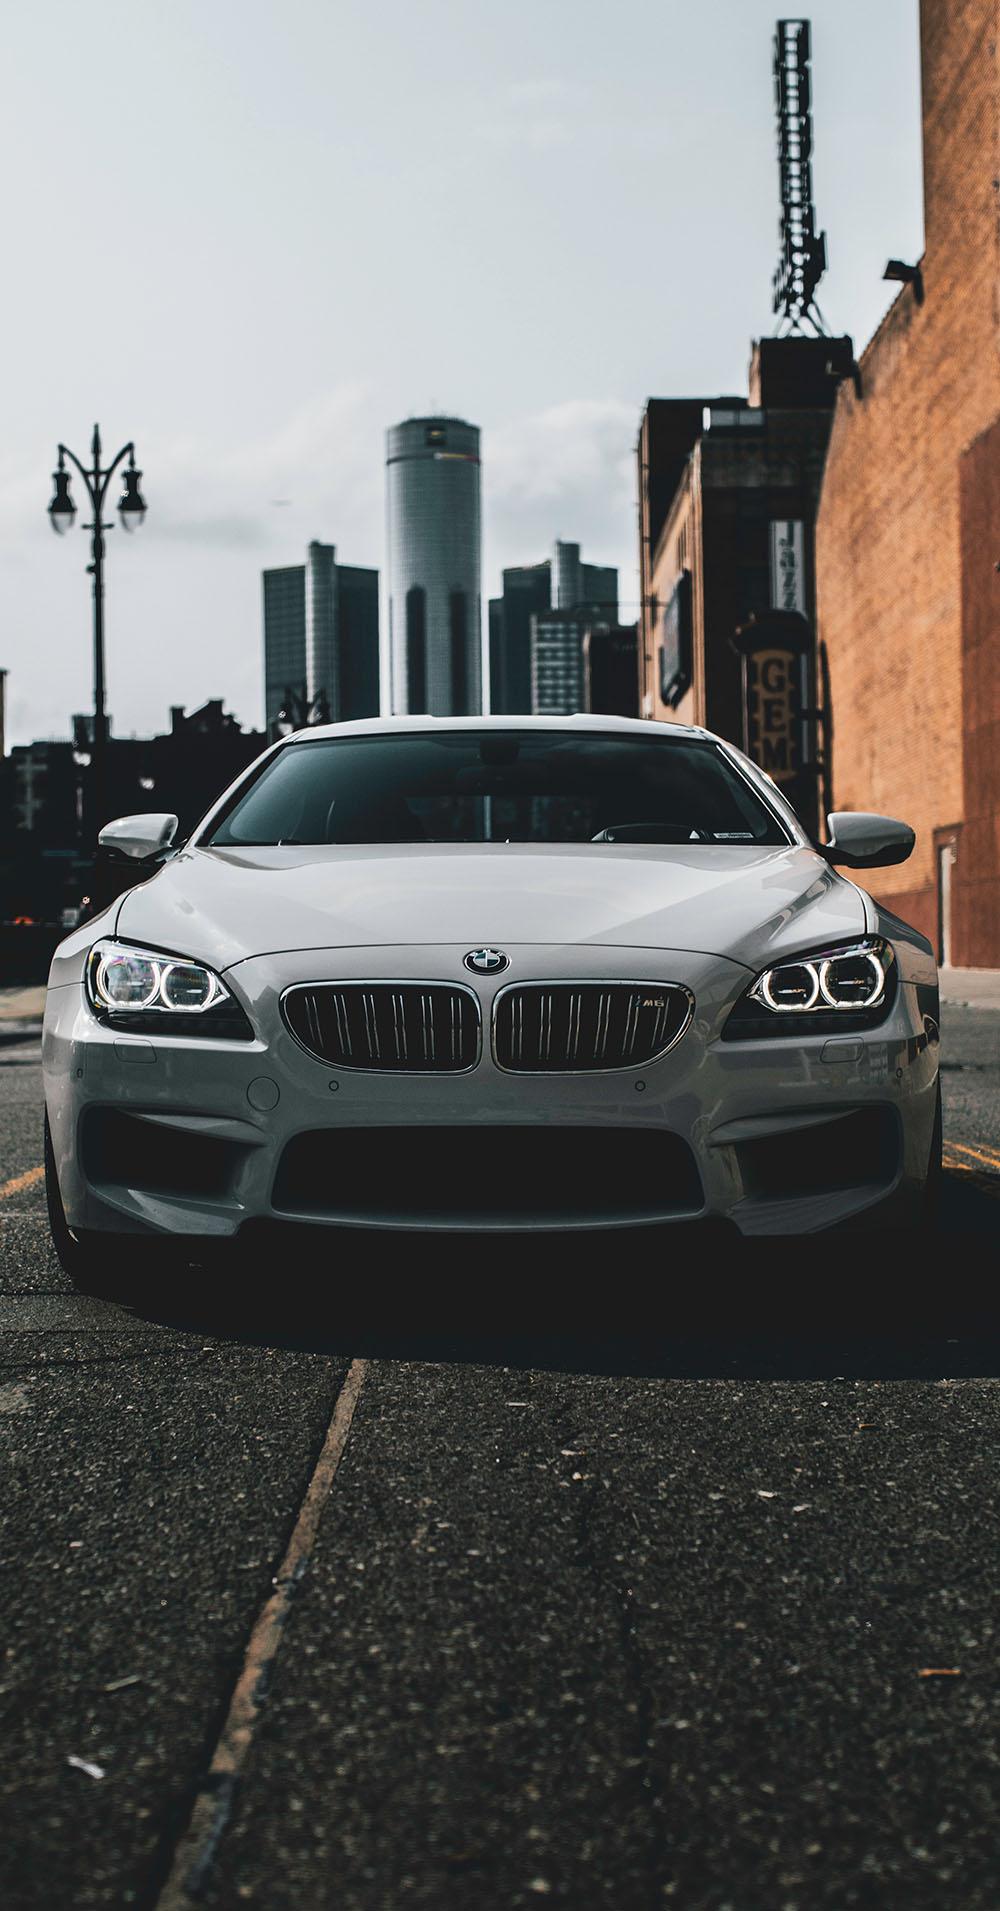 BMW Gebrauchtwagen online bestellen